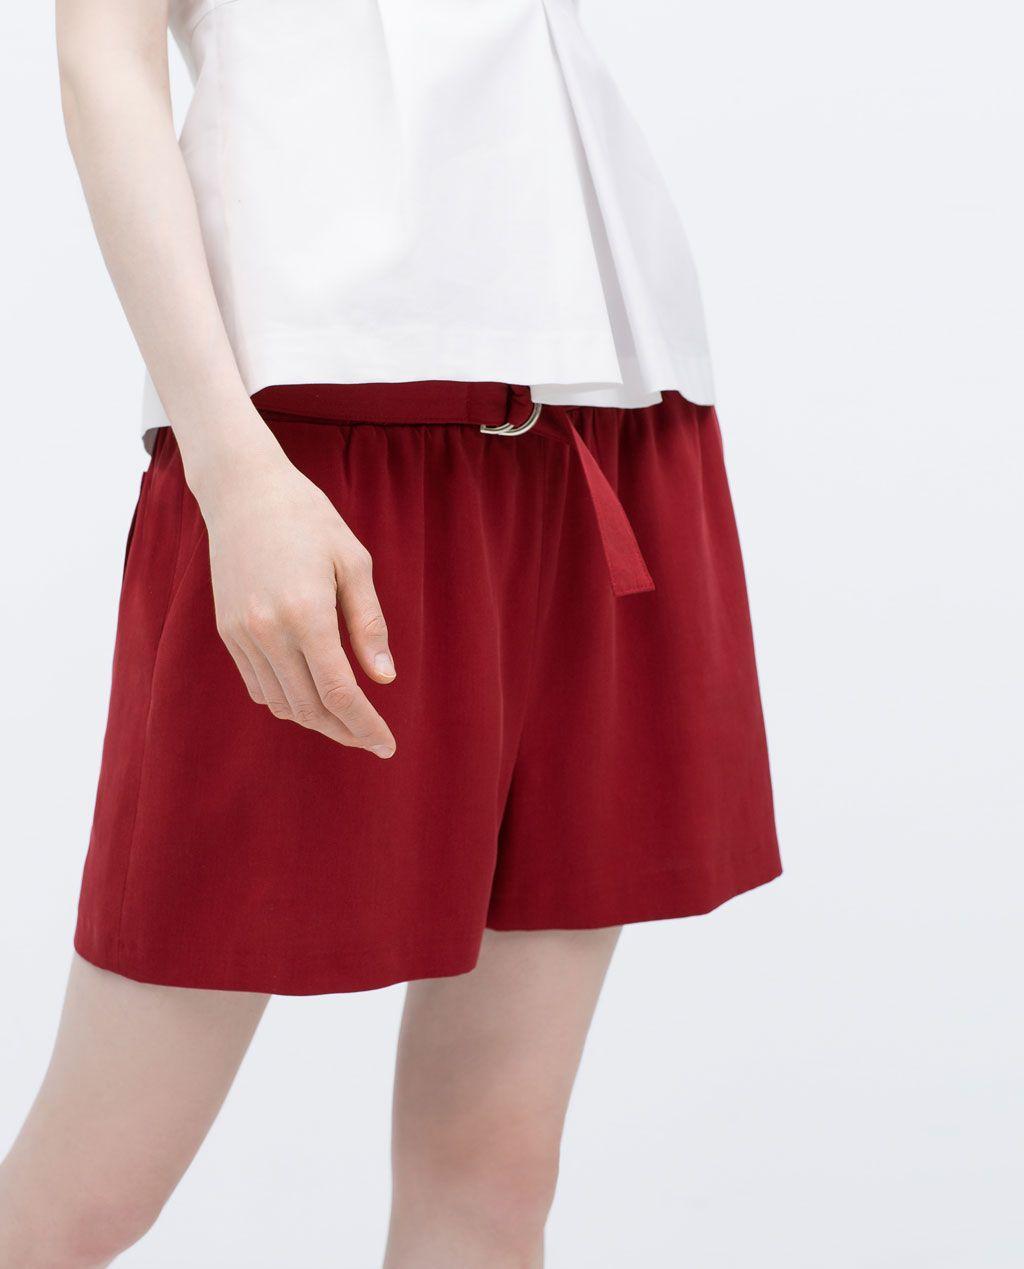 Zara mulher calÇÕes fluidos cinto to wear pinterest red